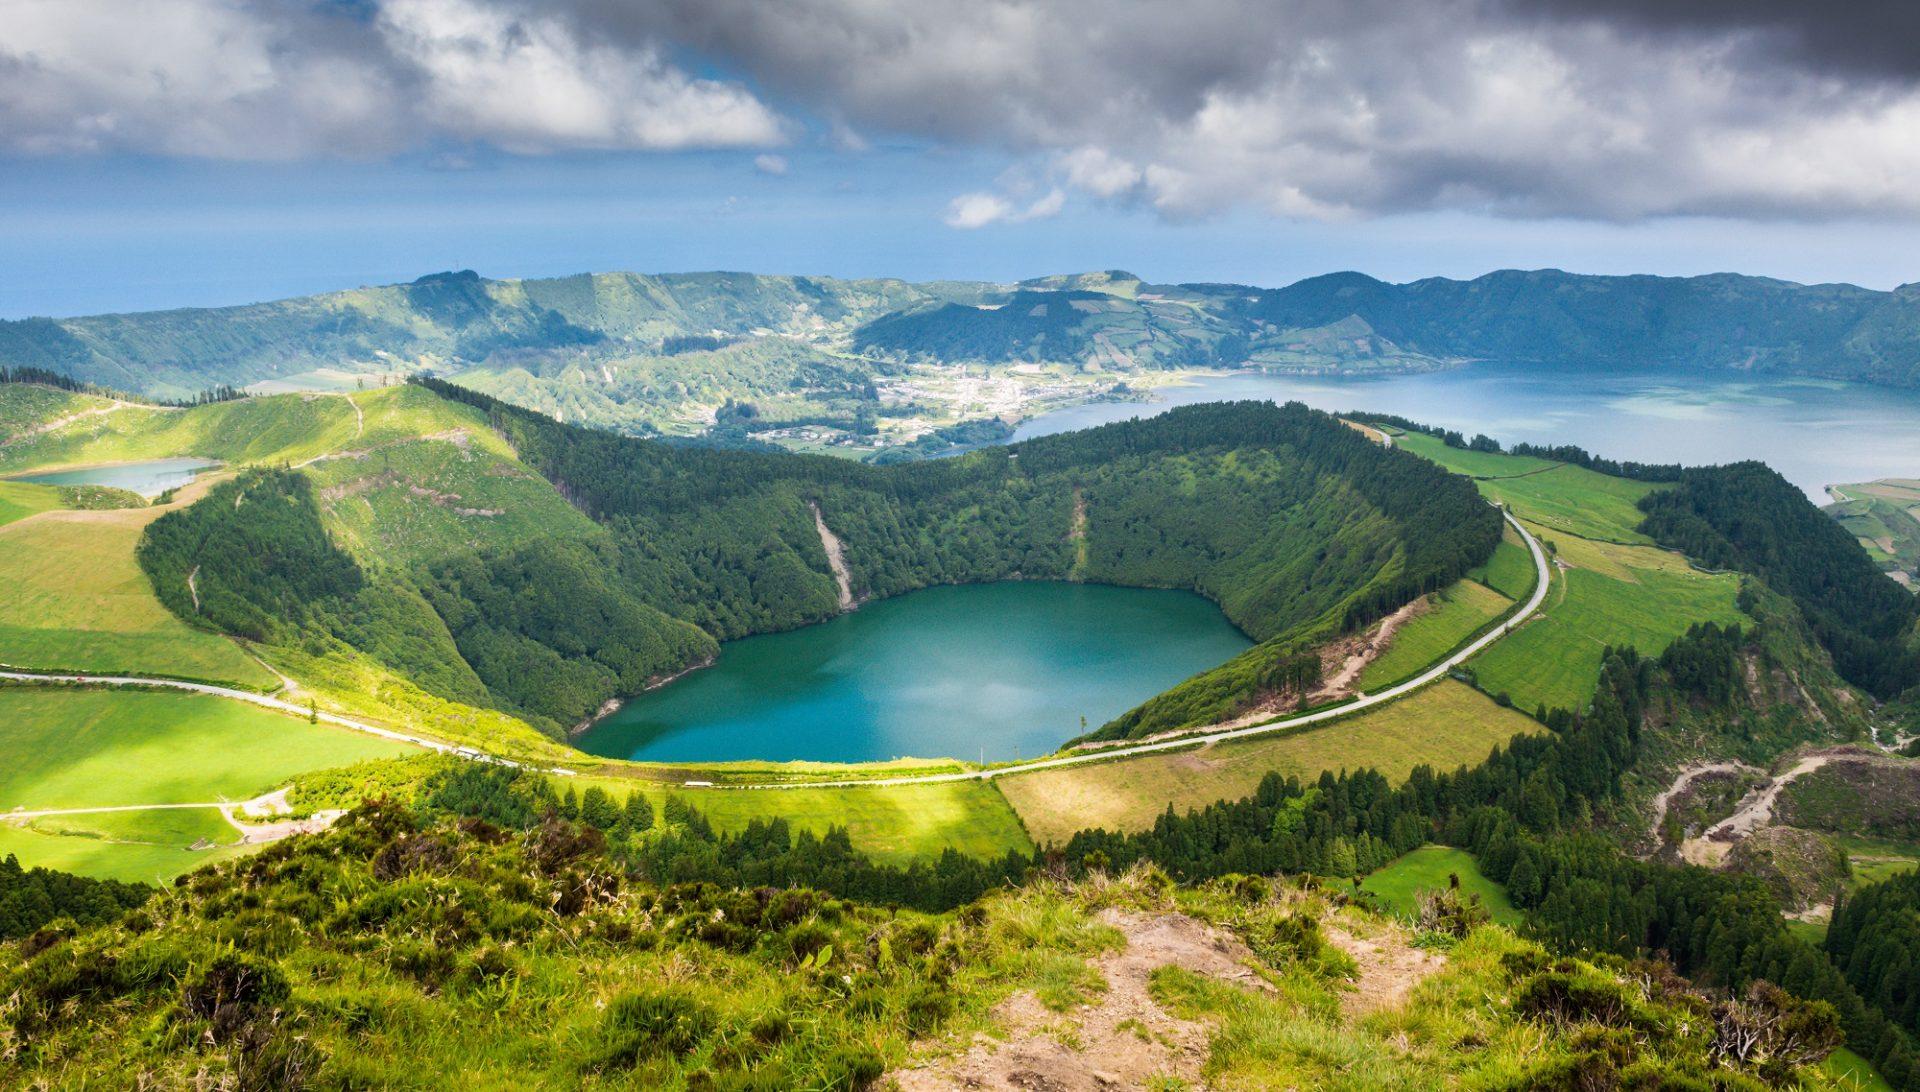 Azoren [November - März] Hin- und Rückflug mit Ryanair von Frankfurt, Karlsruhe uvm. nach Ponta Delgada 46 € / zwei Tickets notwendig